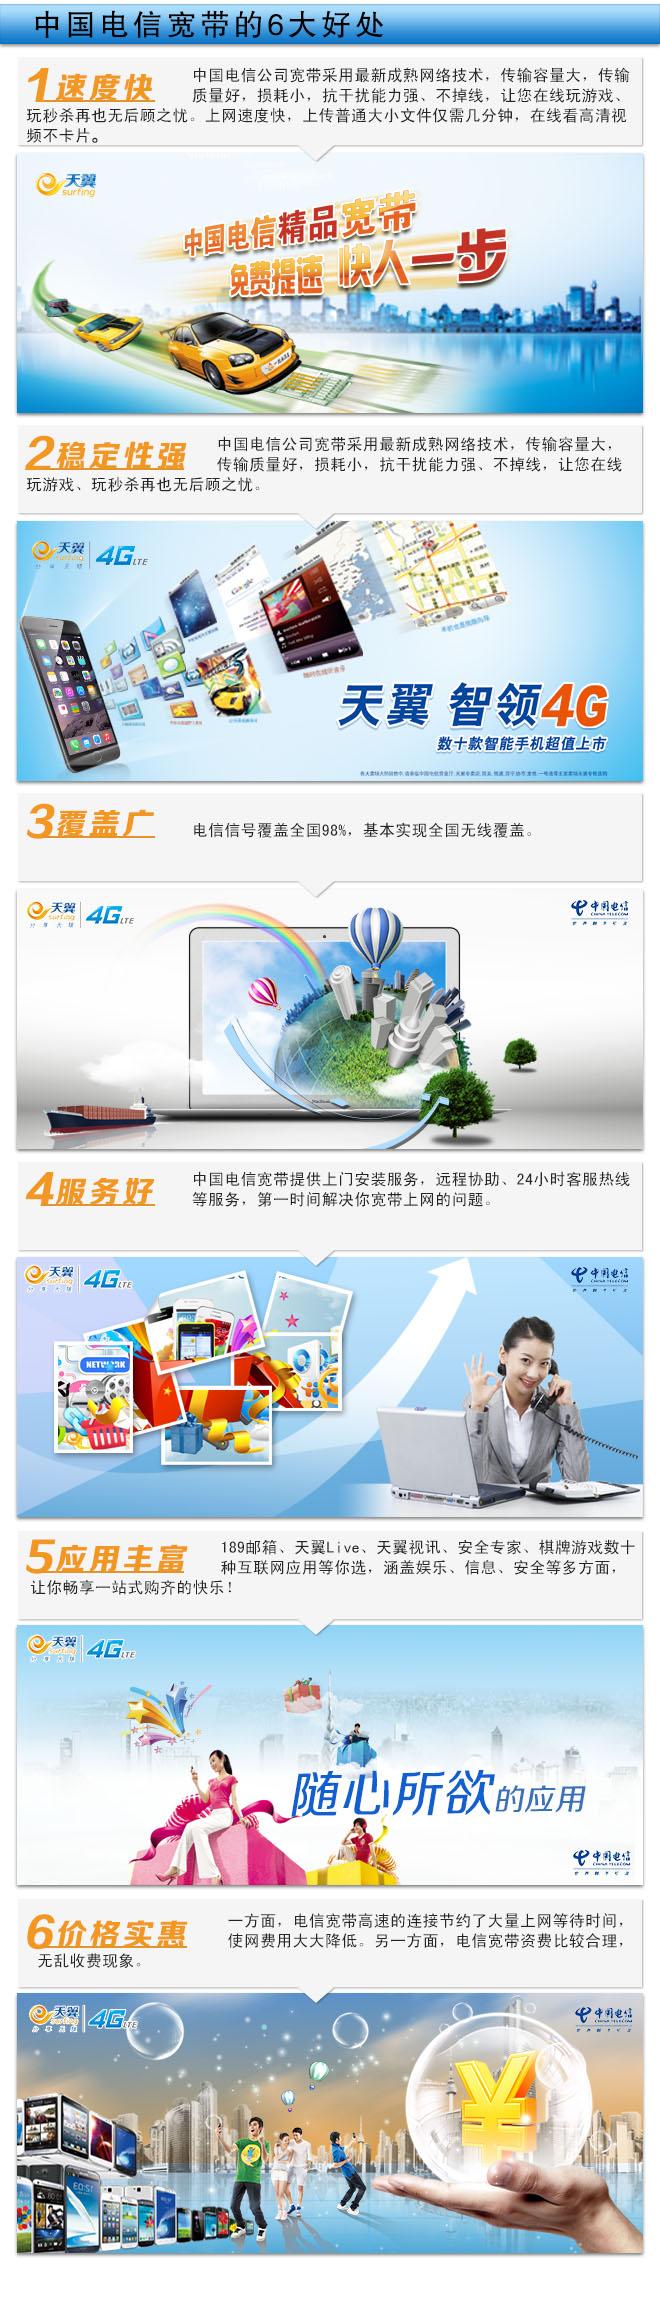 安装电信宽带的6大好处图片.jpg